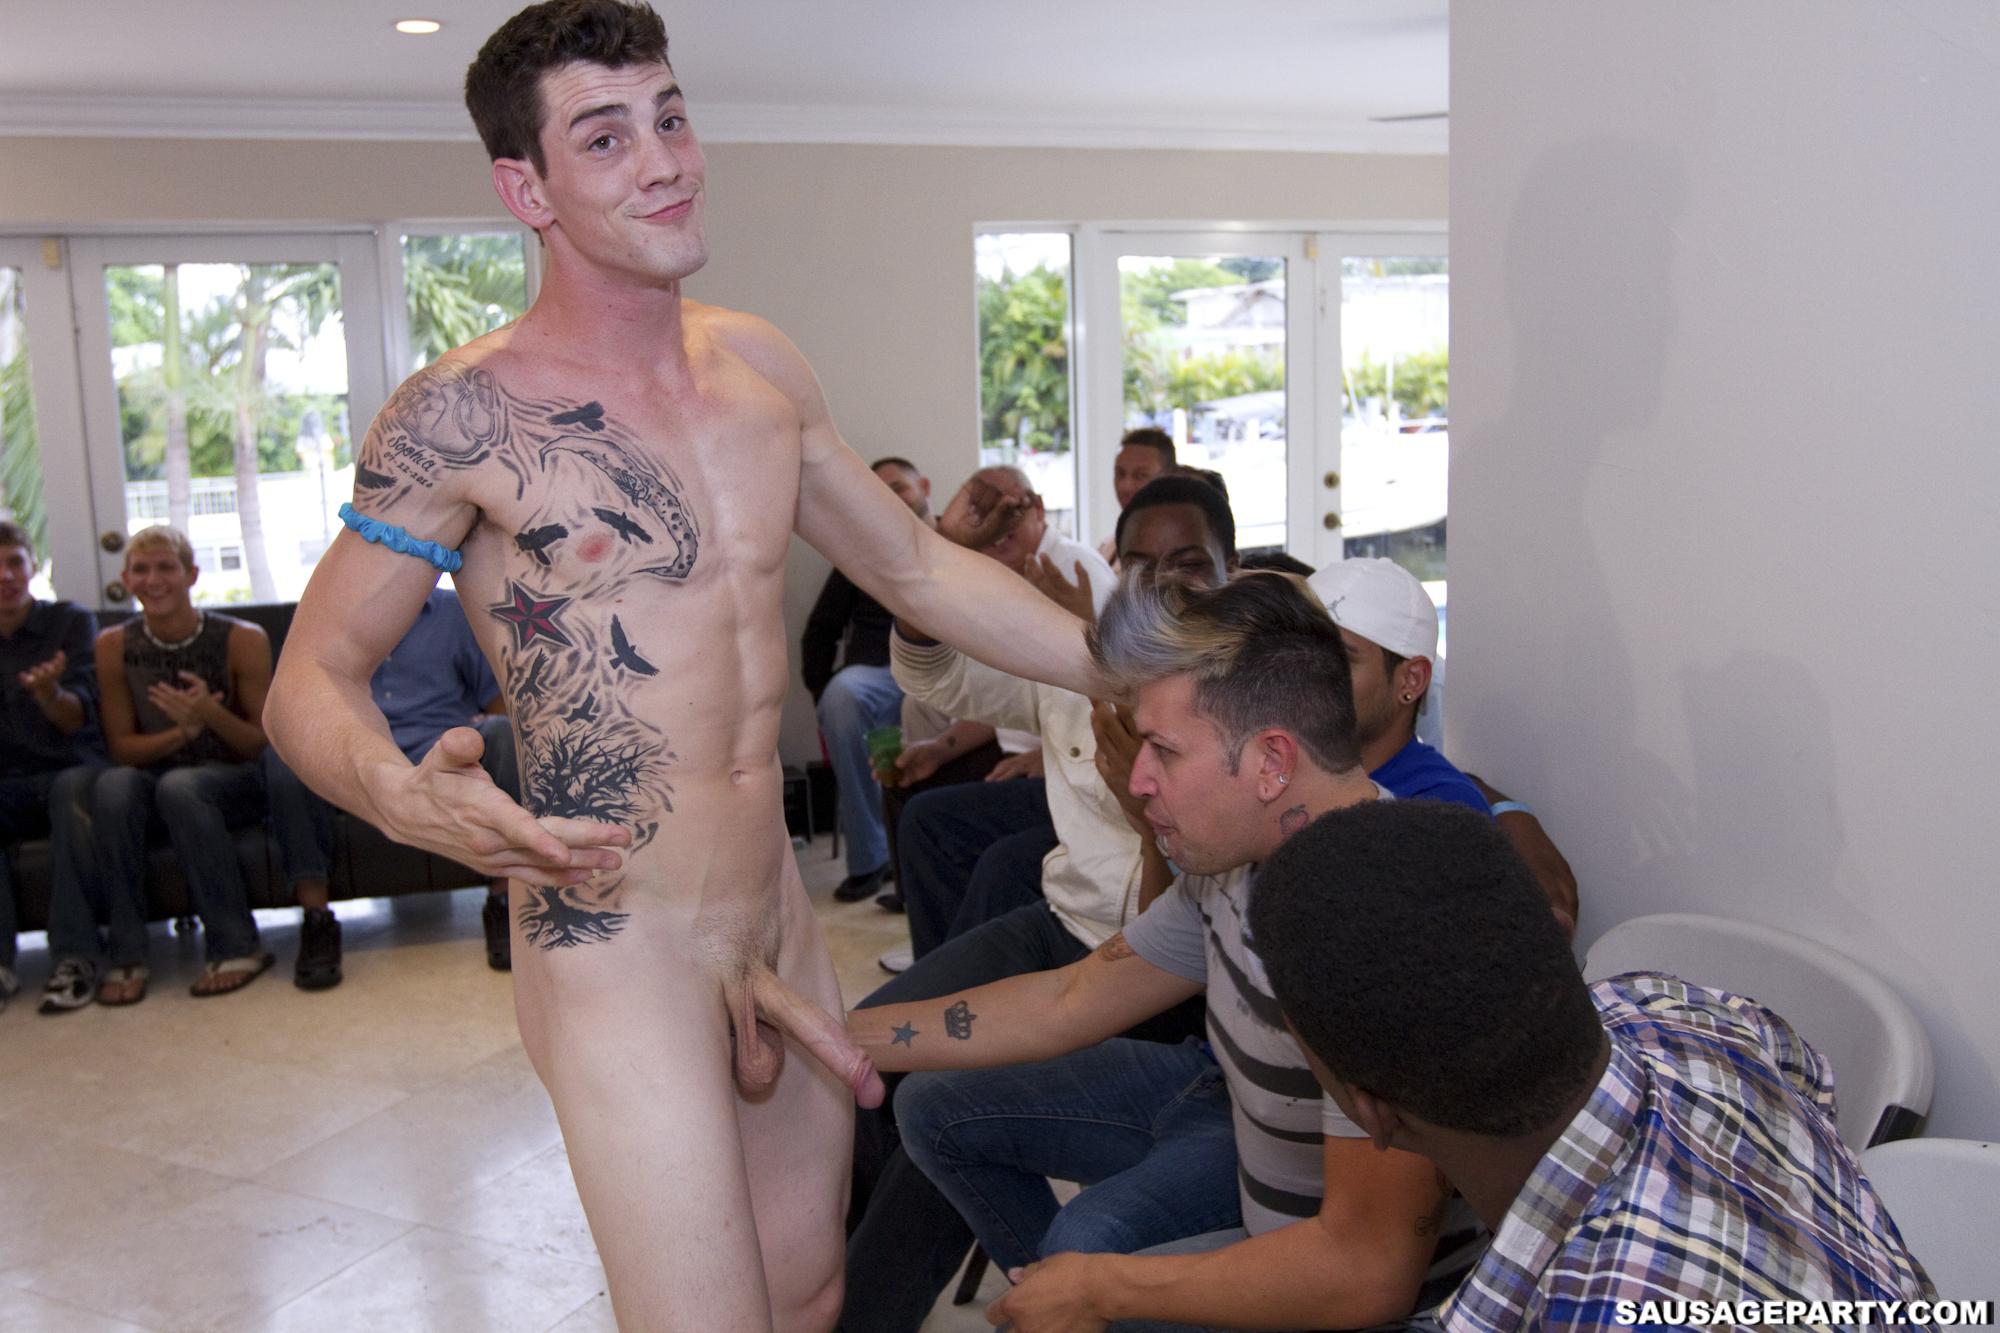 gay guys lap dancing